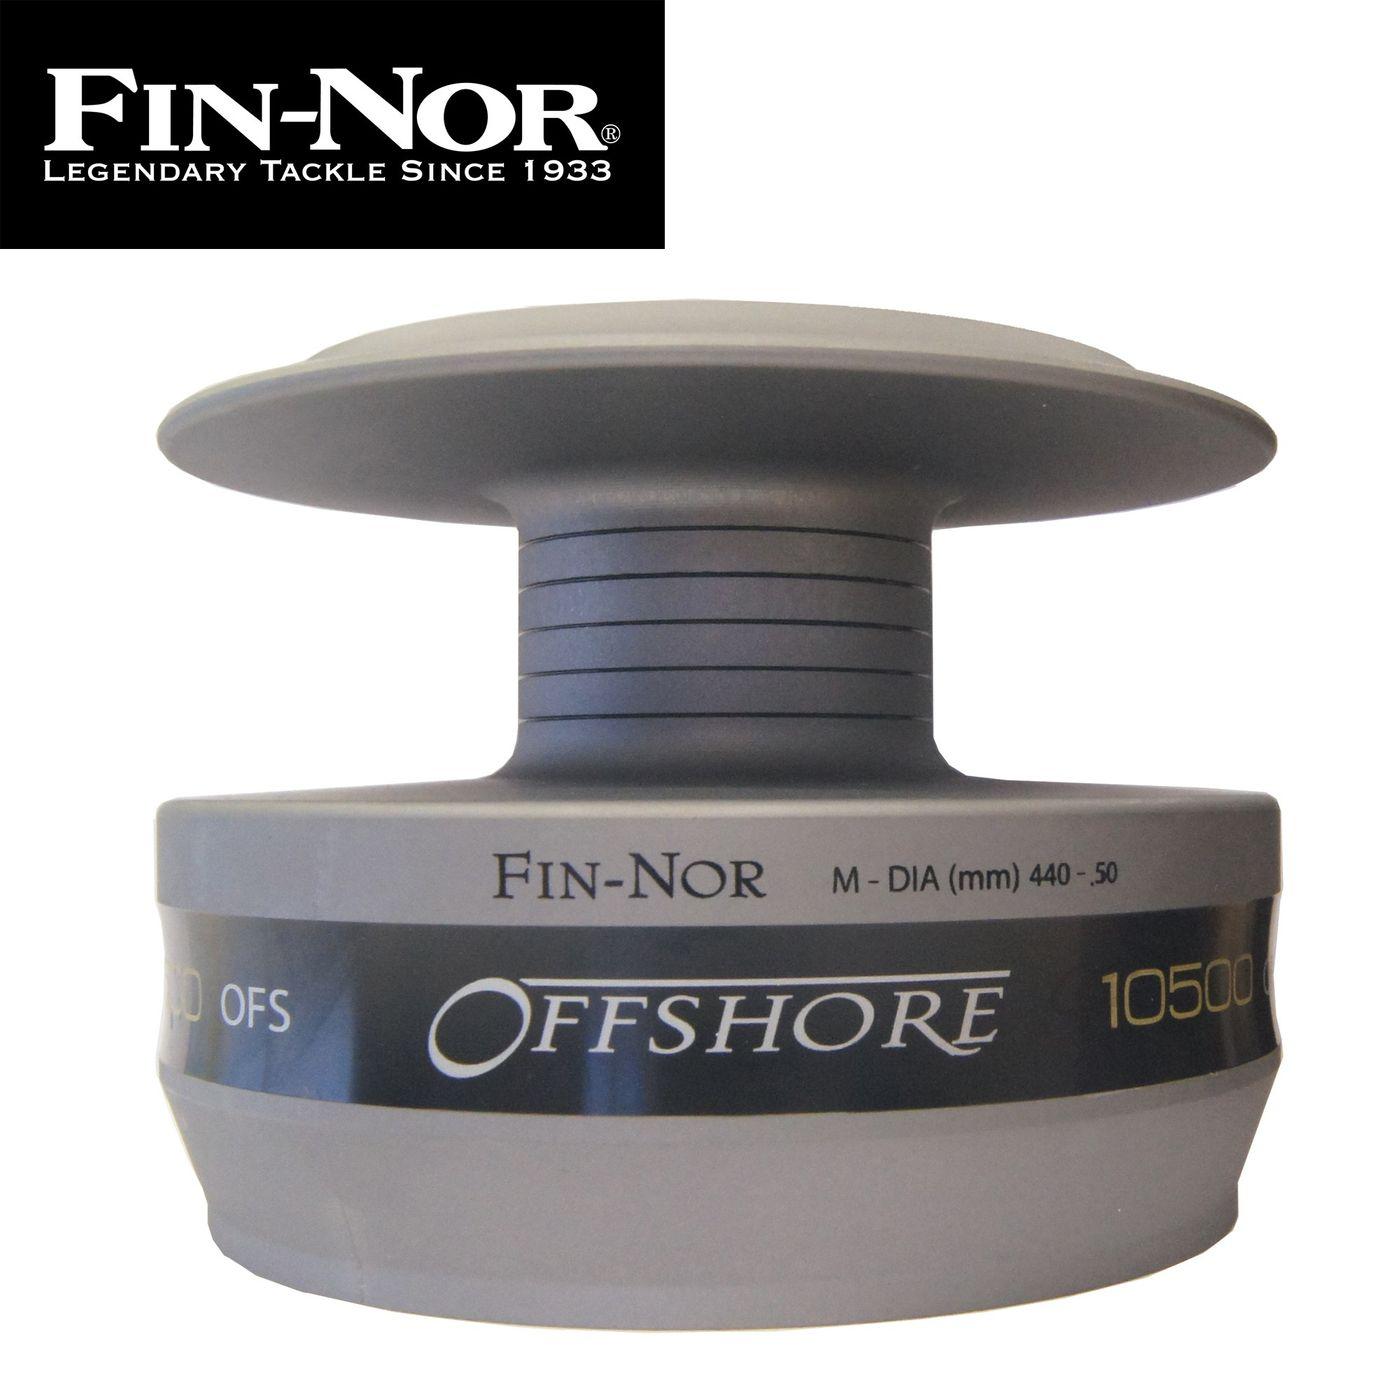 Spule Ersatzspule Fin-Nor E-Spule FN Offshore Spinning OFS10500 Reservespule